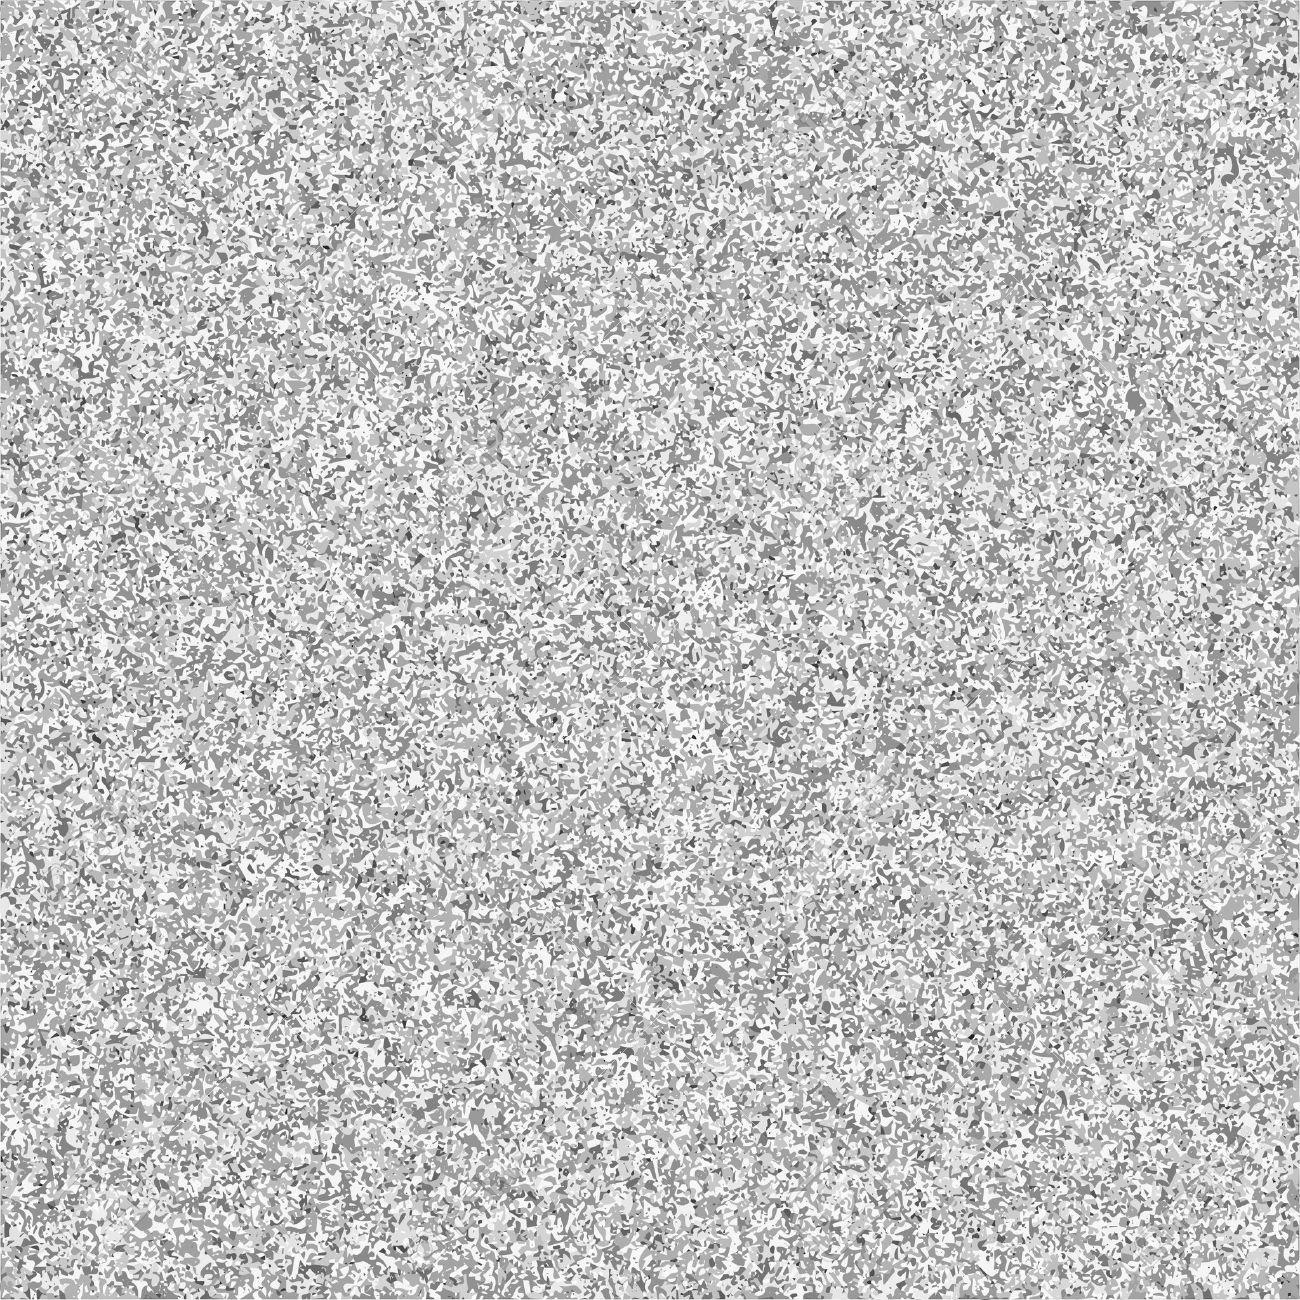 テレビの干渉。テレビ画面に灰色...